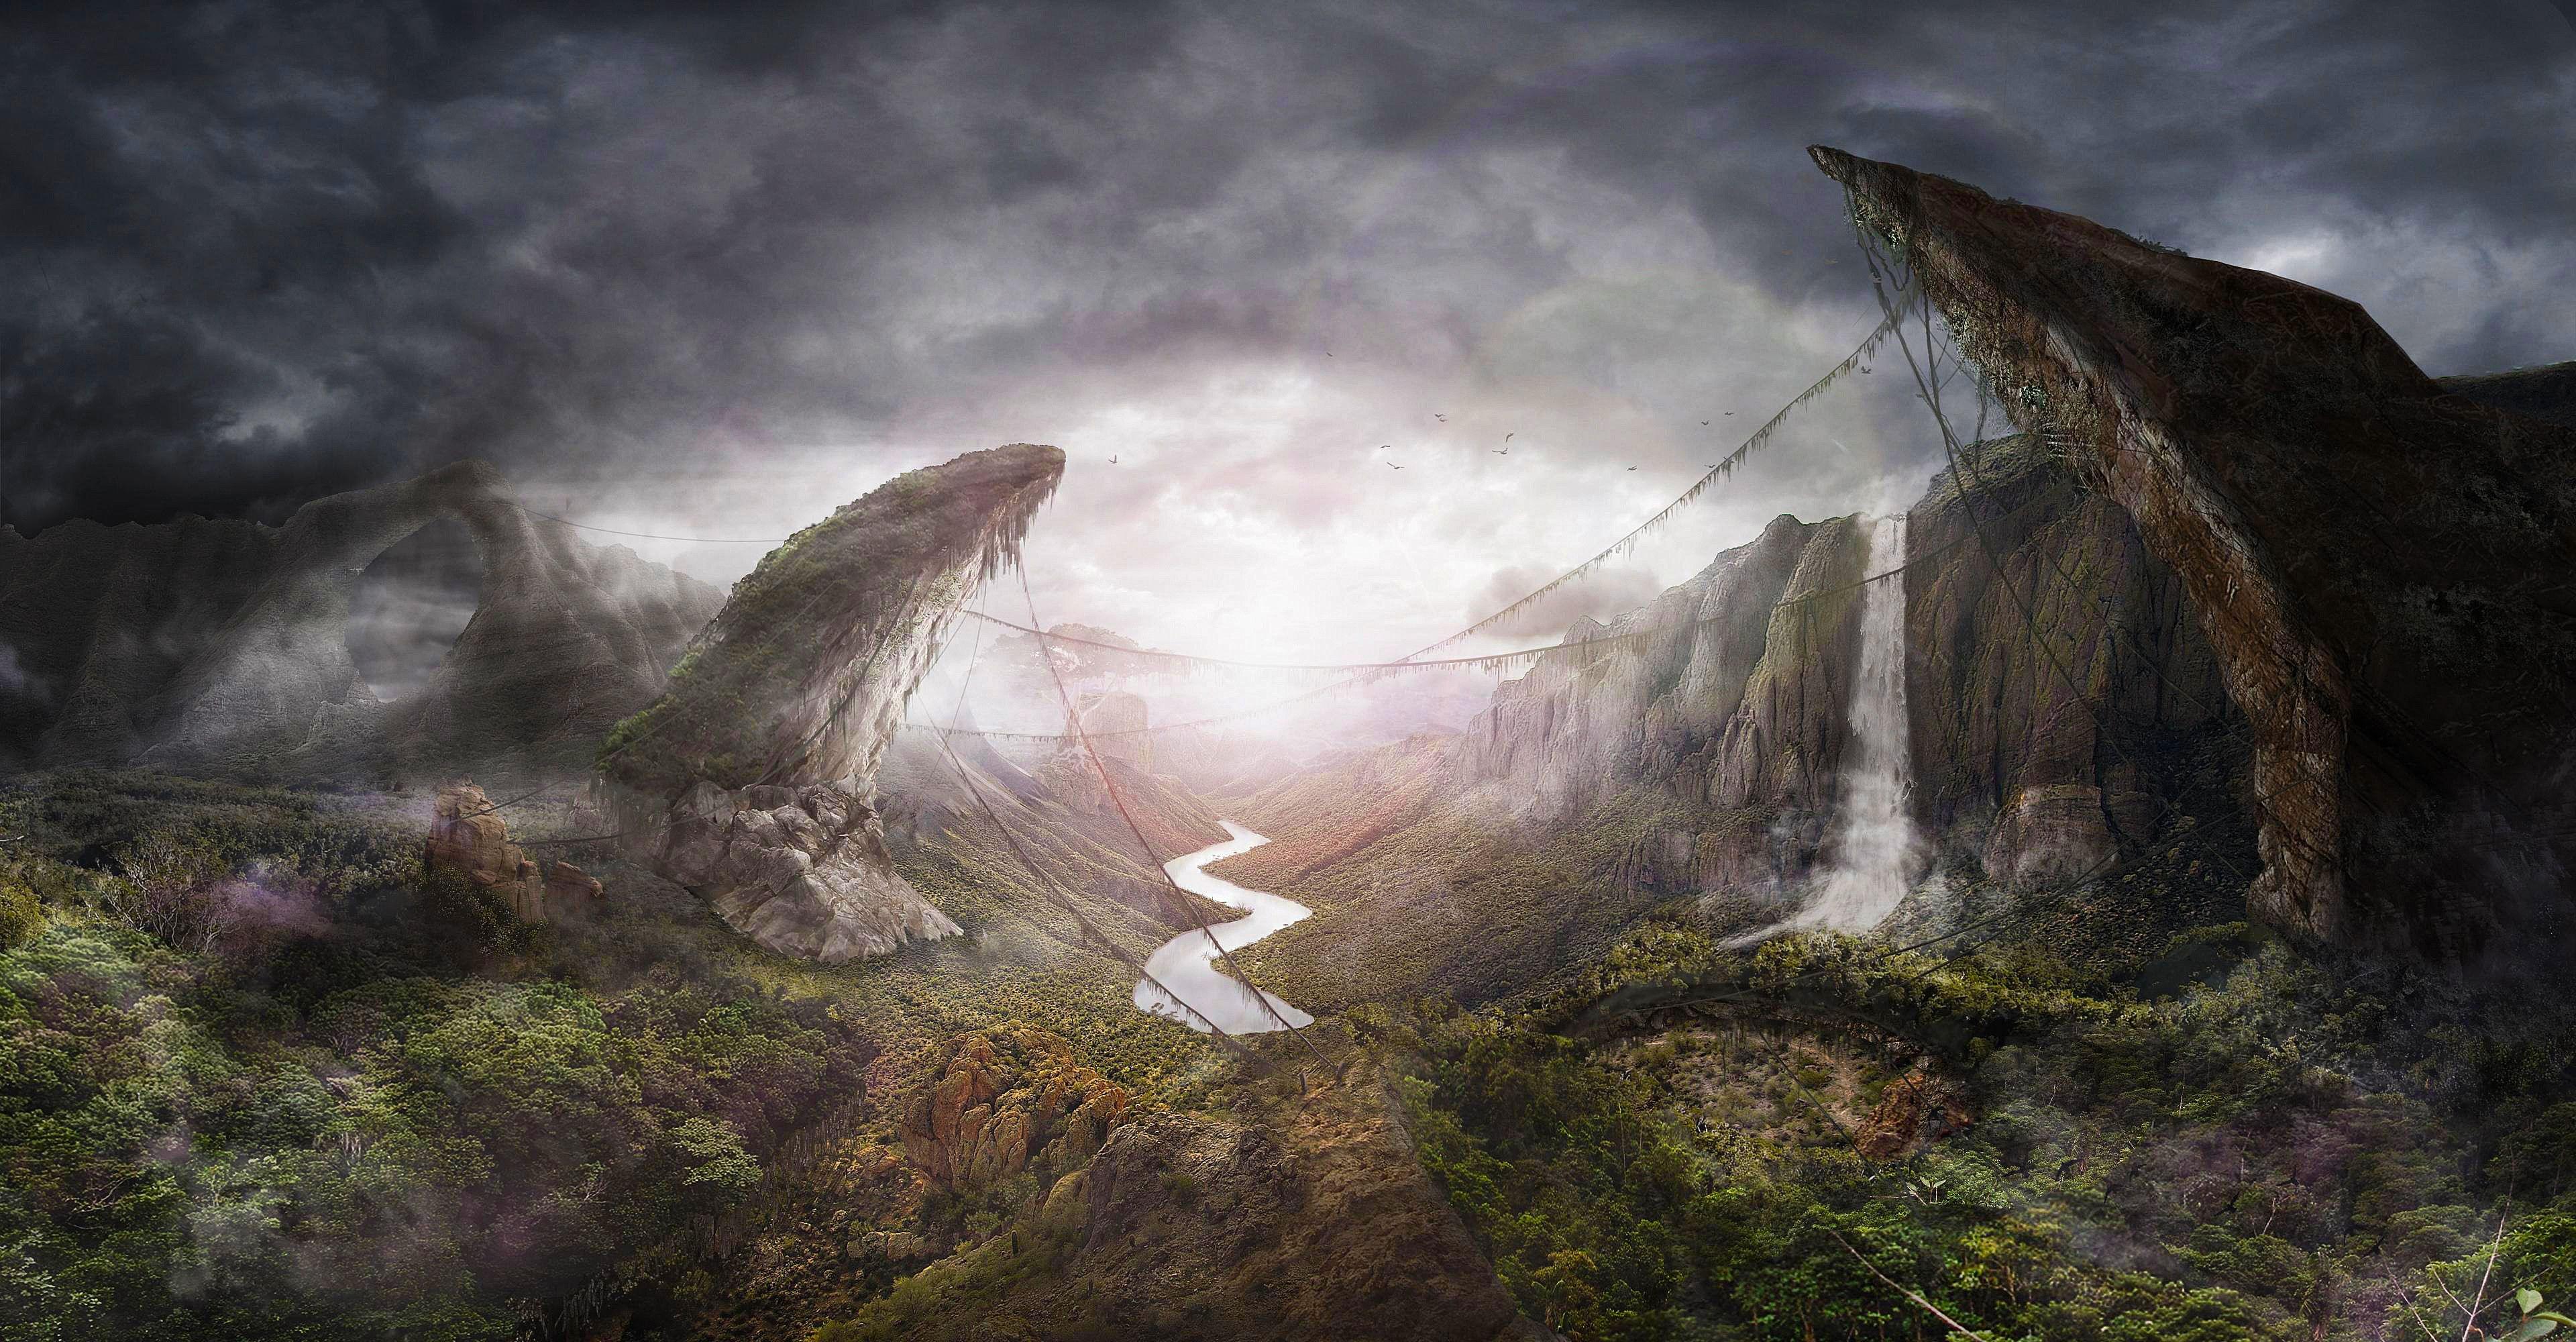 Immagini spettacolari della natura paesaggi for Foto spettacolari per desktop